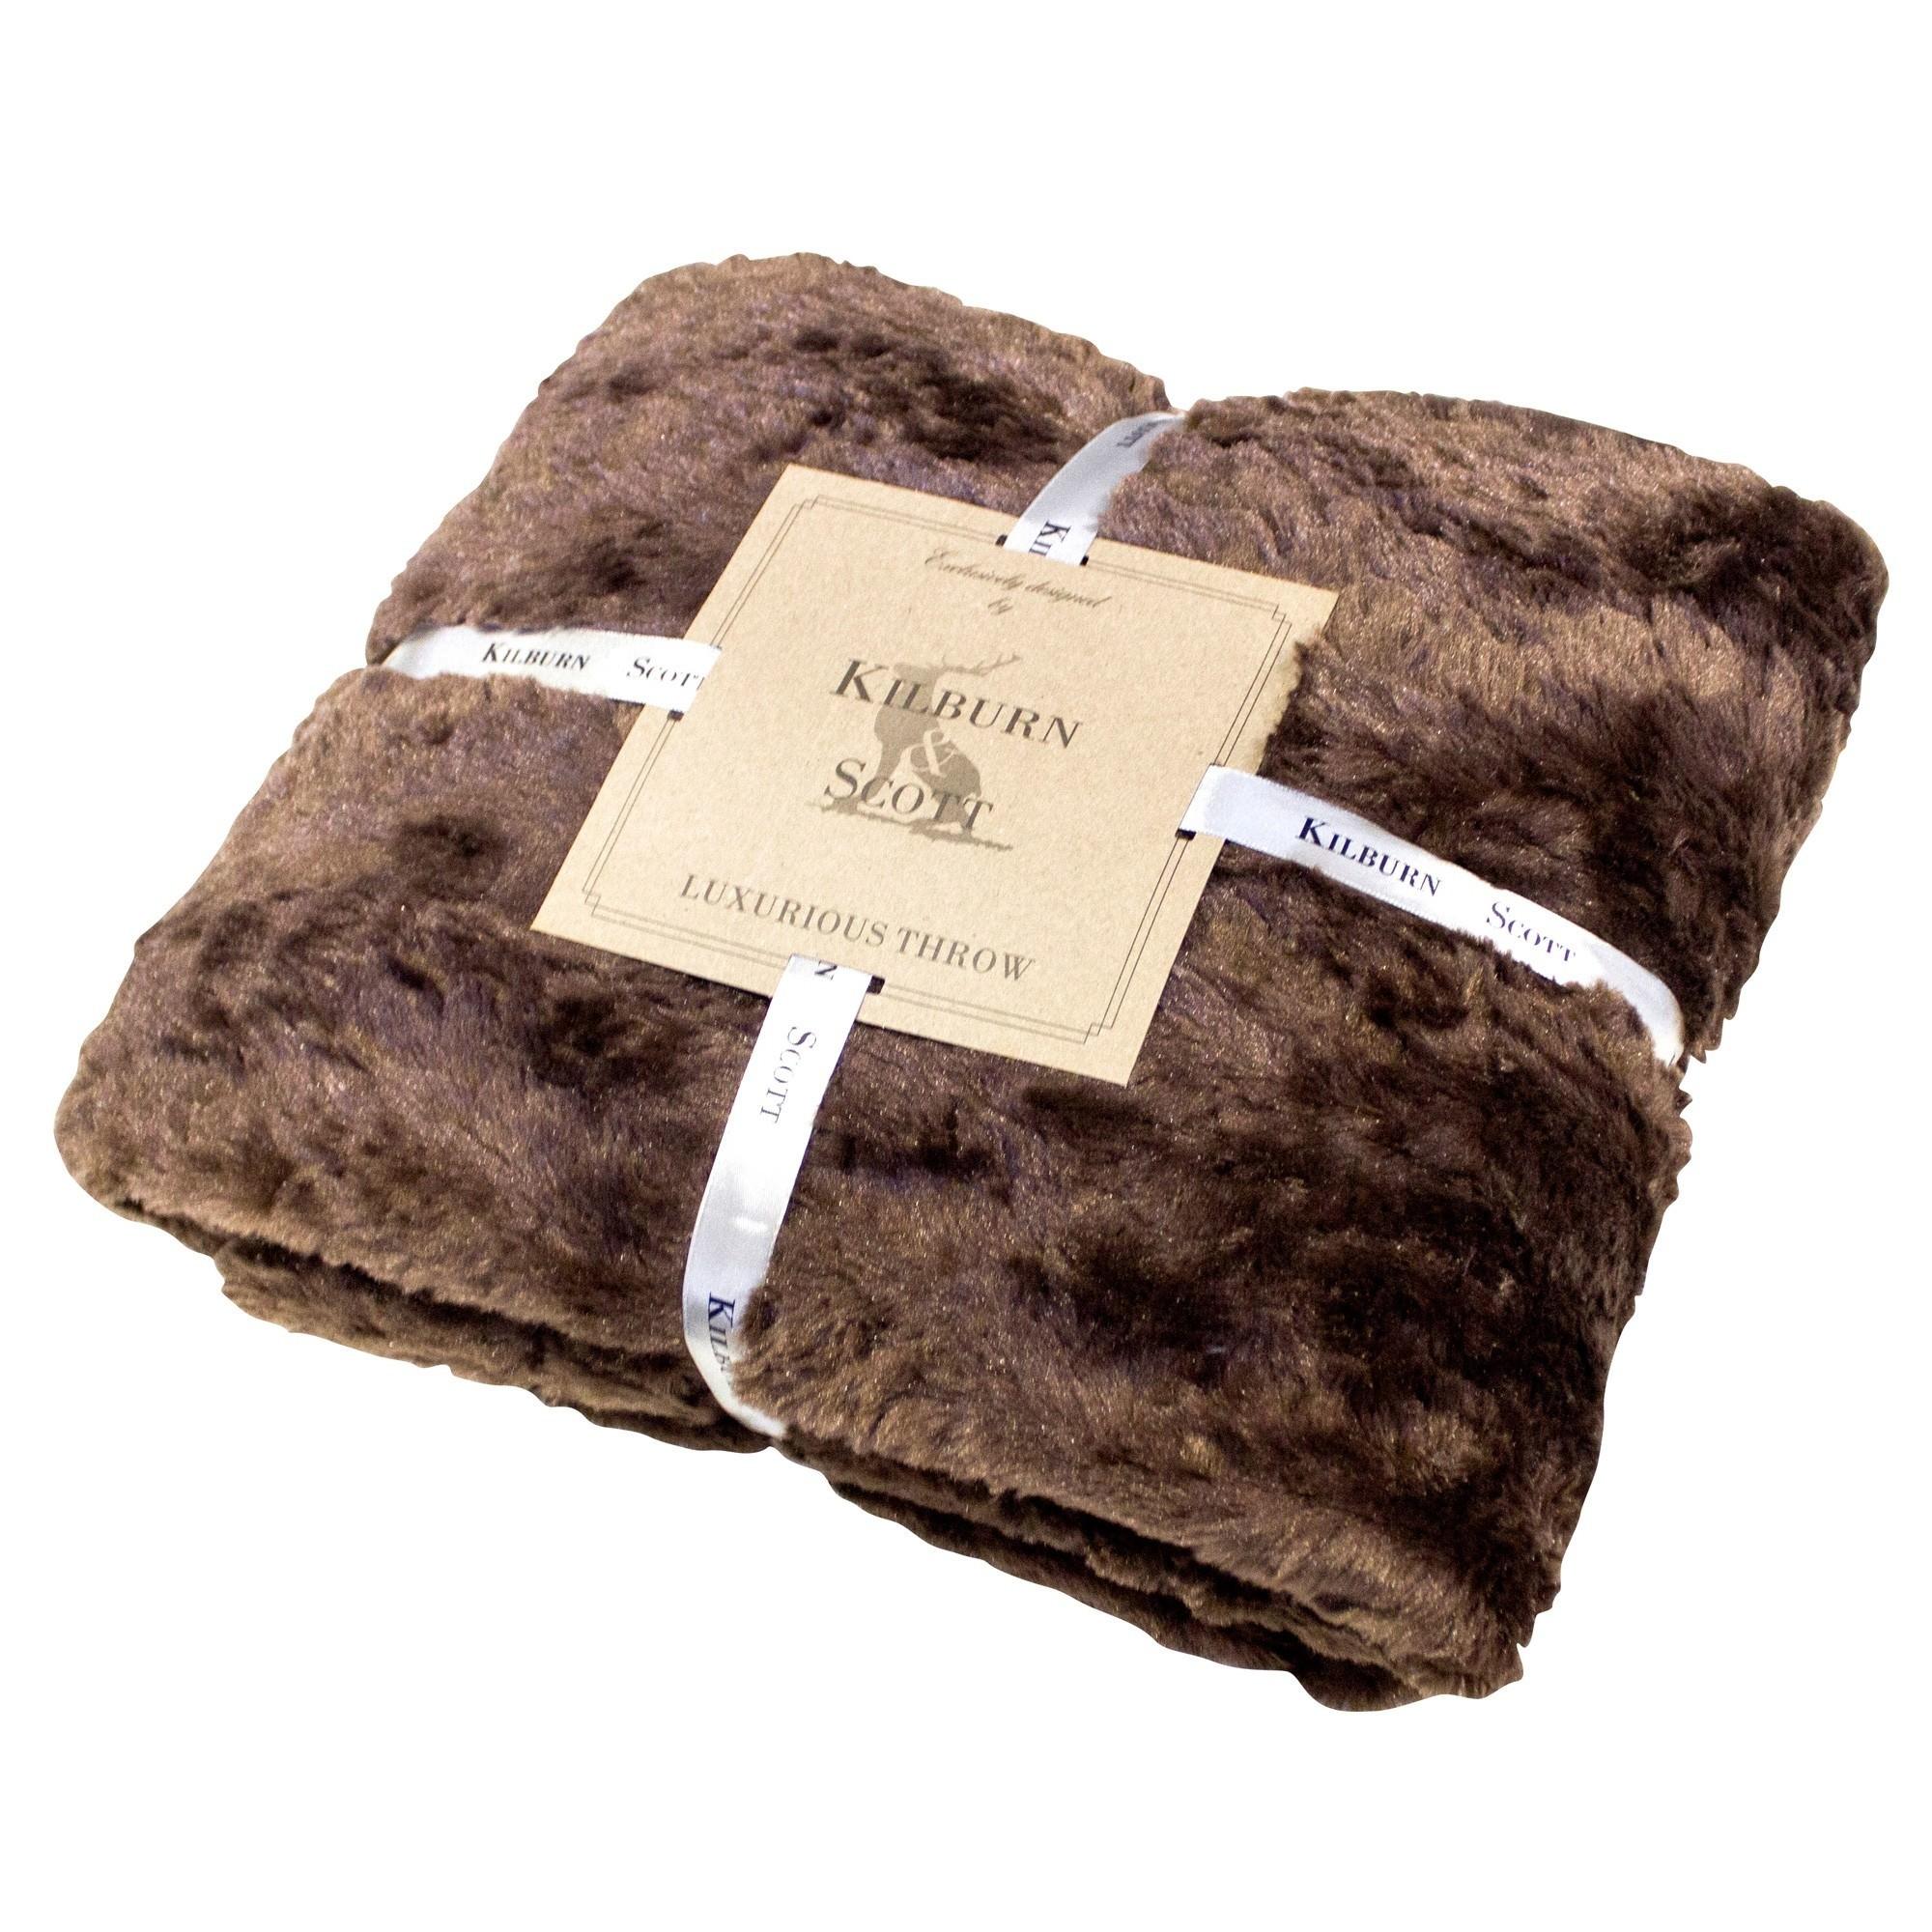 Kilburn & Scott Faux Fur Throw, Chocolate